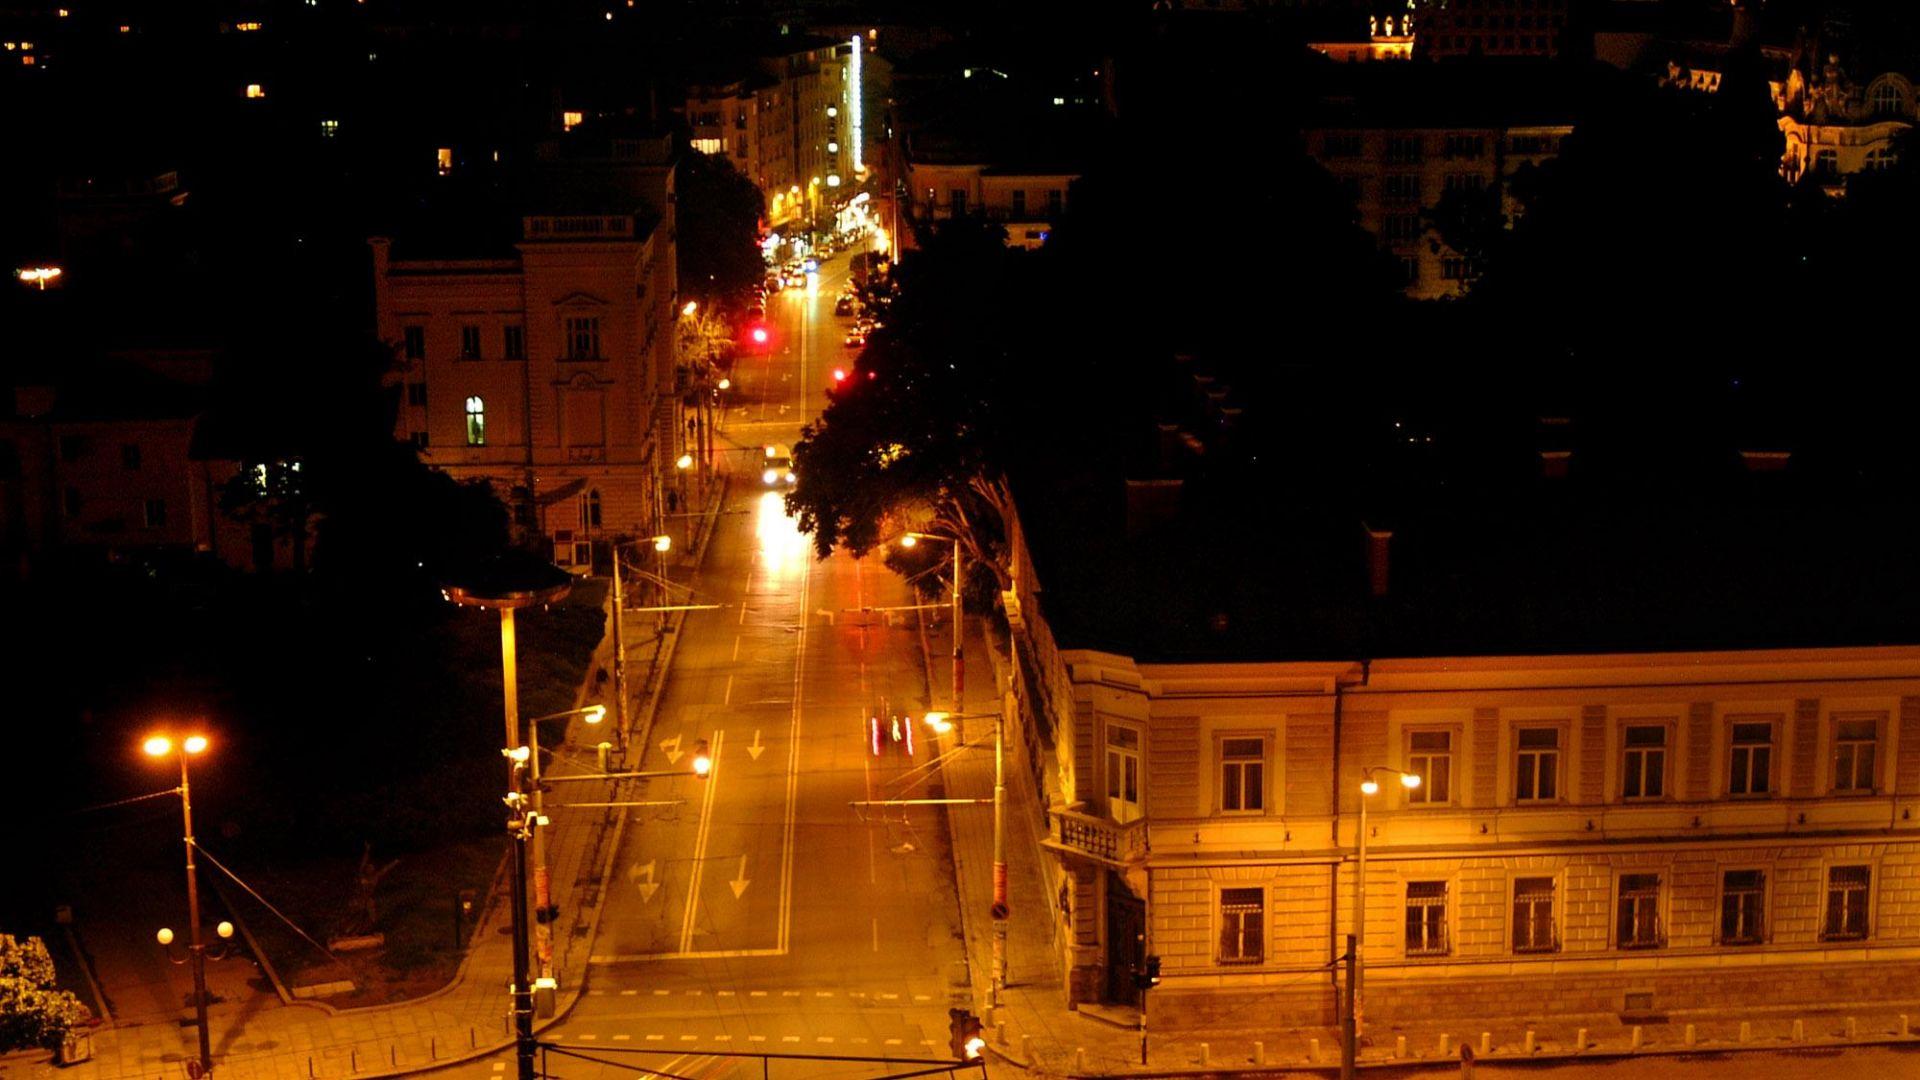 Заведения в центъра на София и в Студентски град работили през нощта въпреки забраната